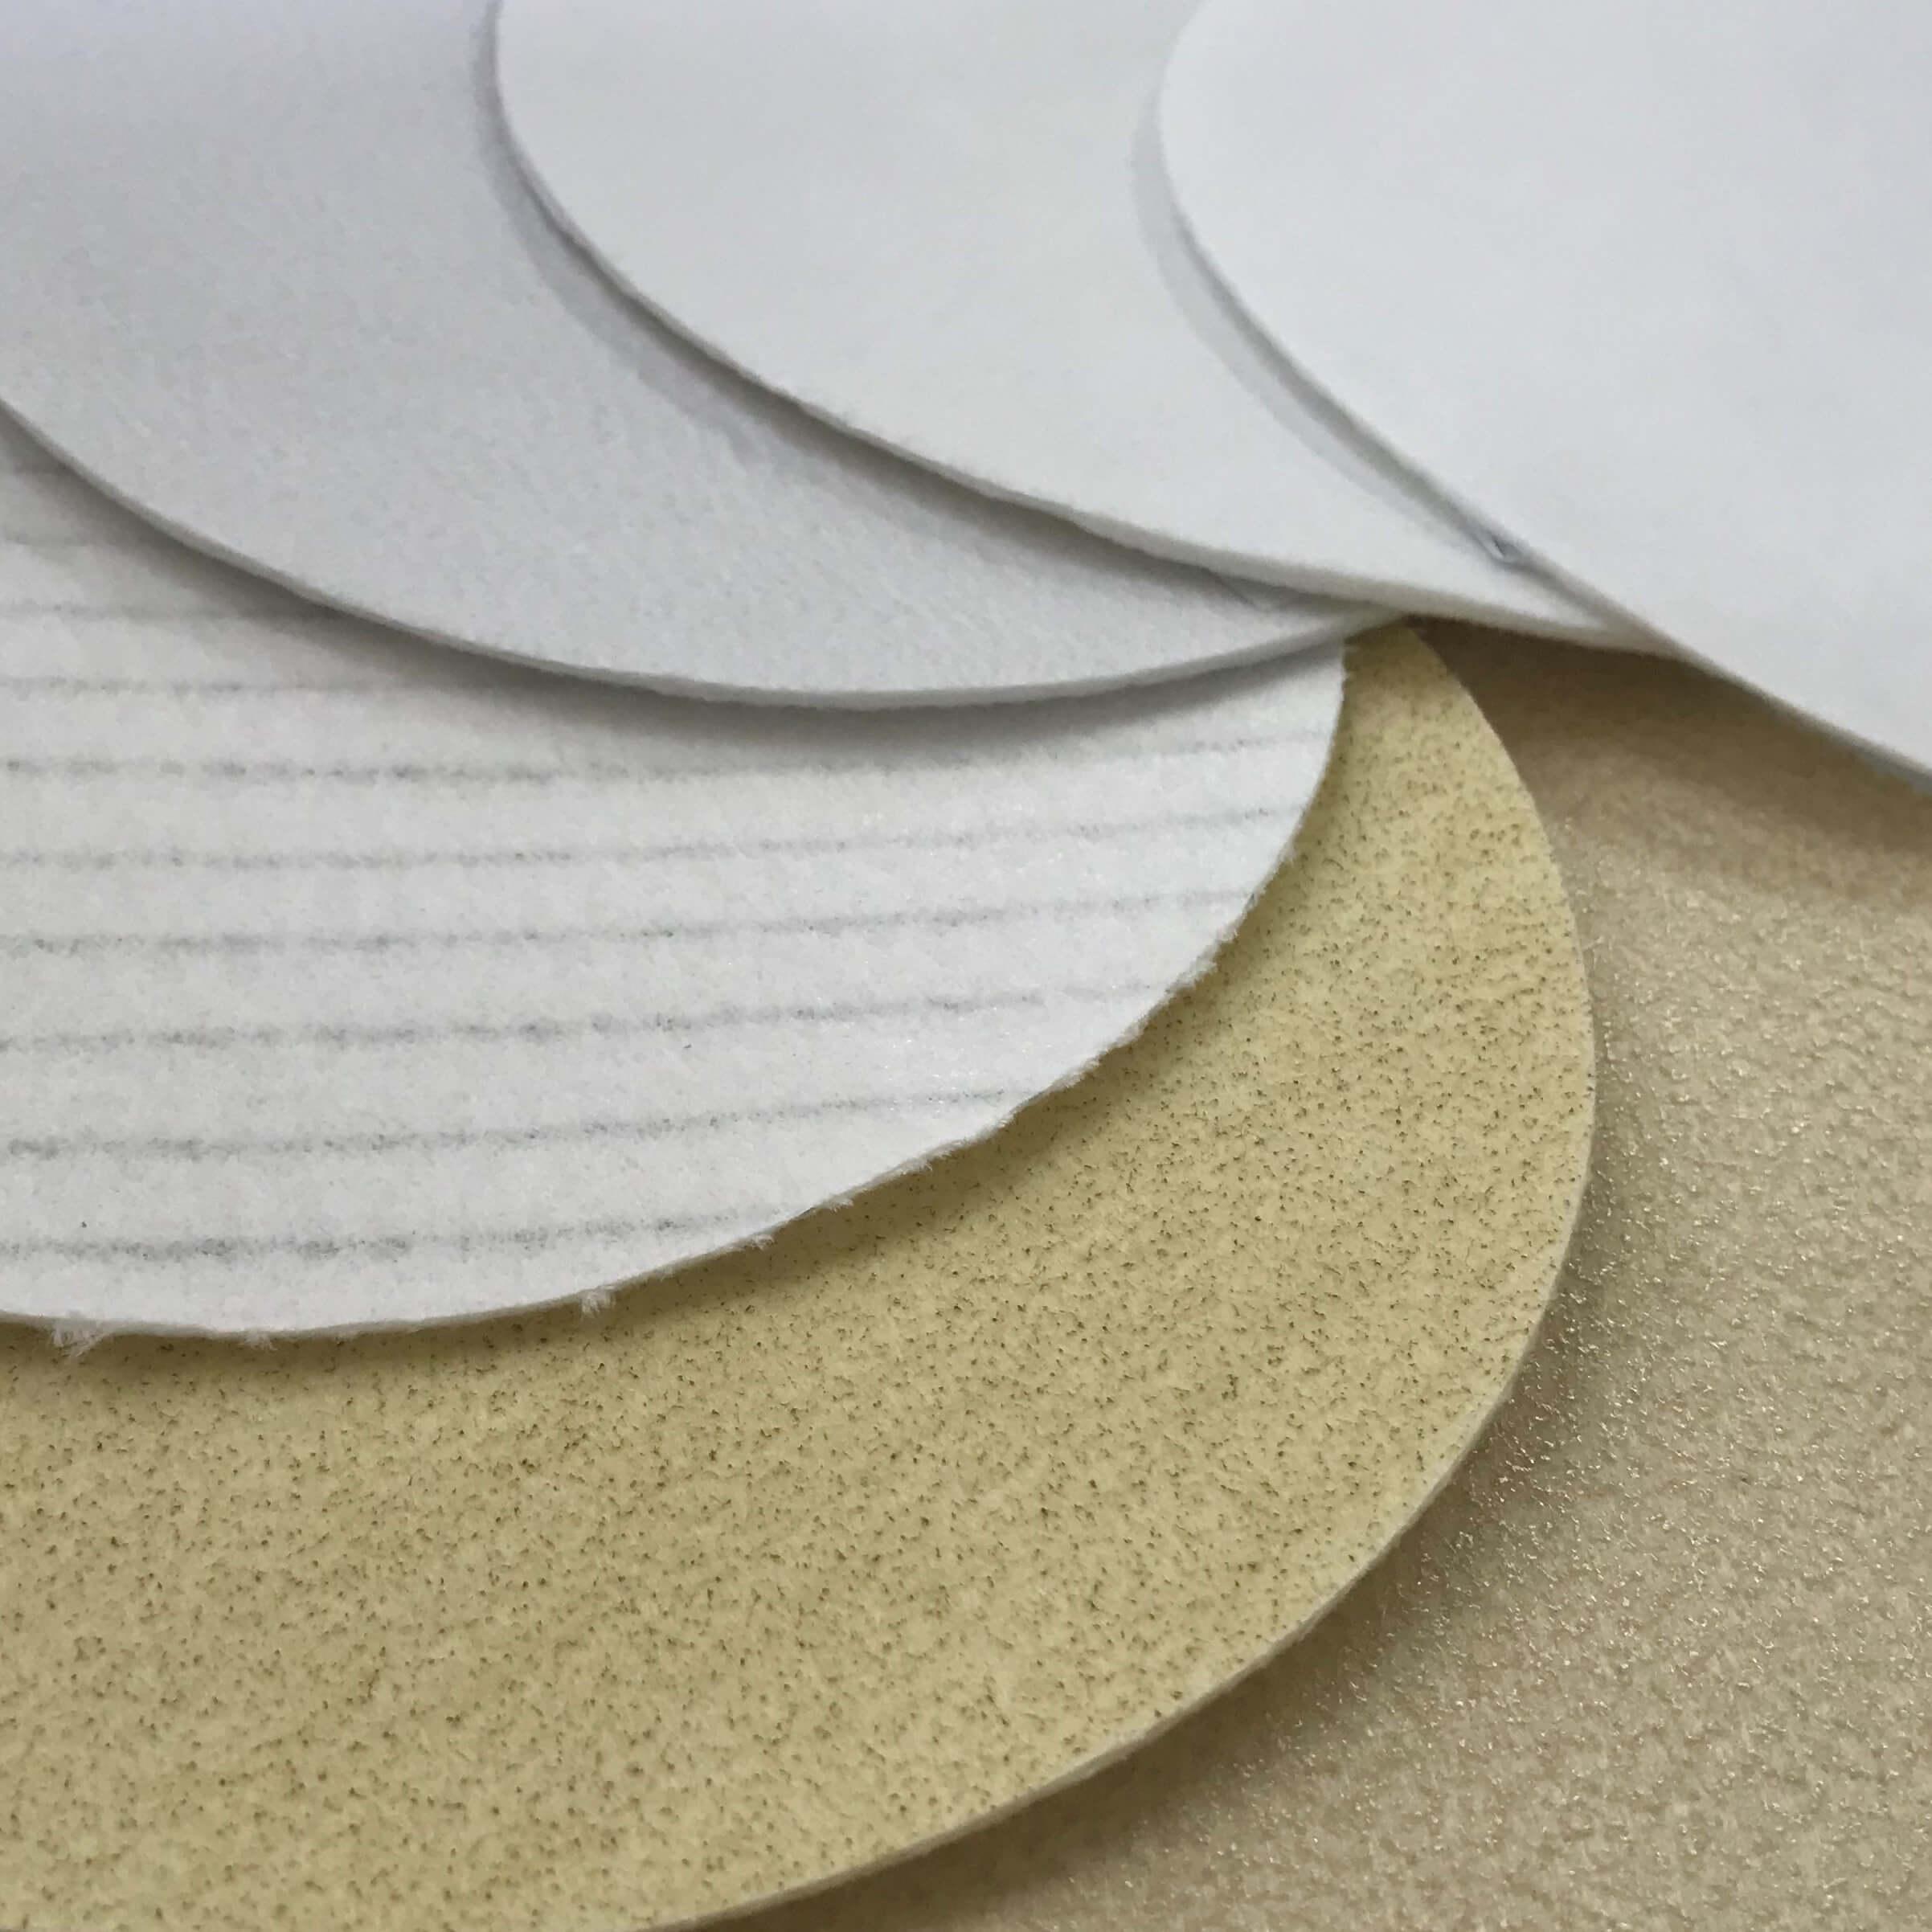 discos de feltro agulhado com variados acamamentos